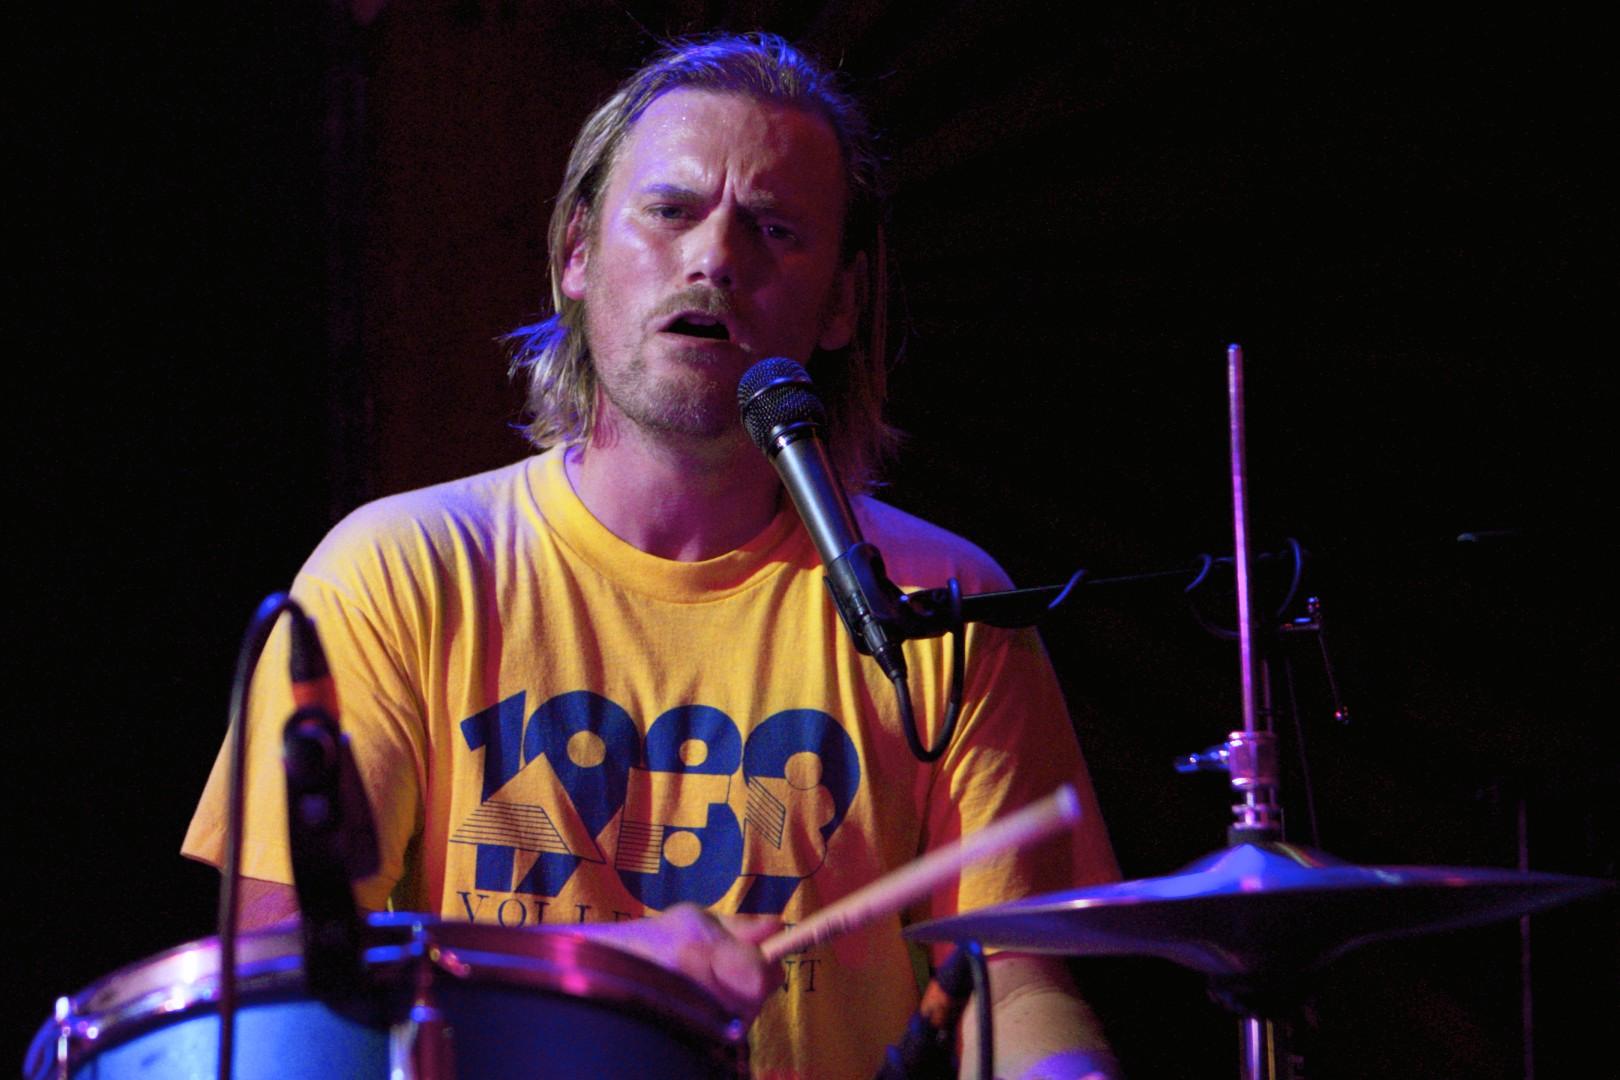 Il producer e musicista dei Portishead Geoff Barrow, oggi 42enne